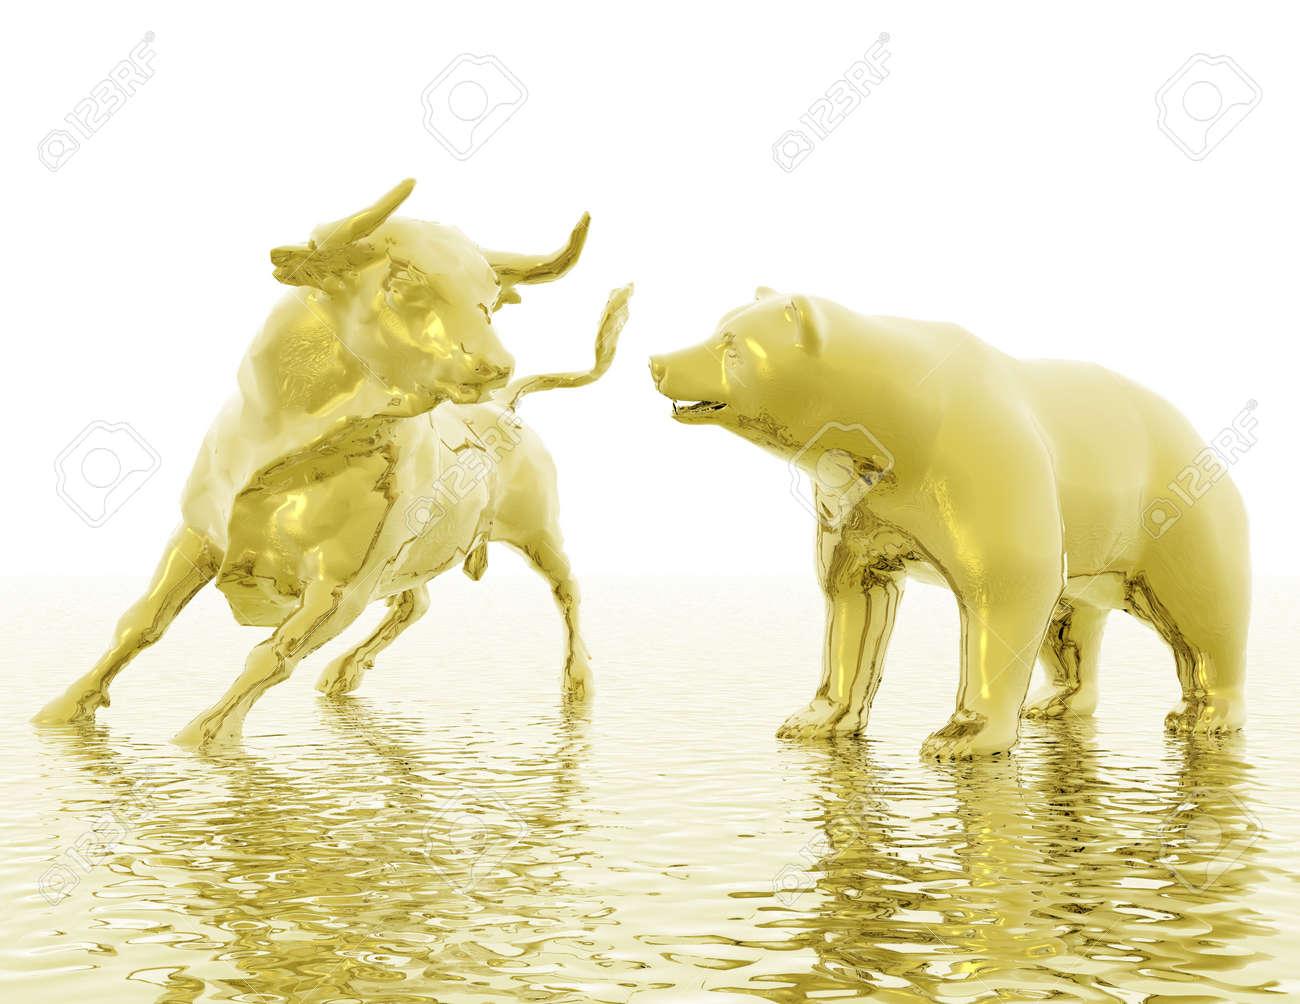 visualisation numérique de taureau et l'ours Banque d'images - 21474201